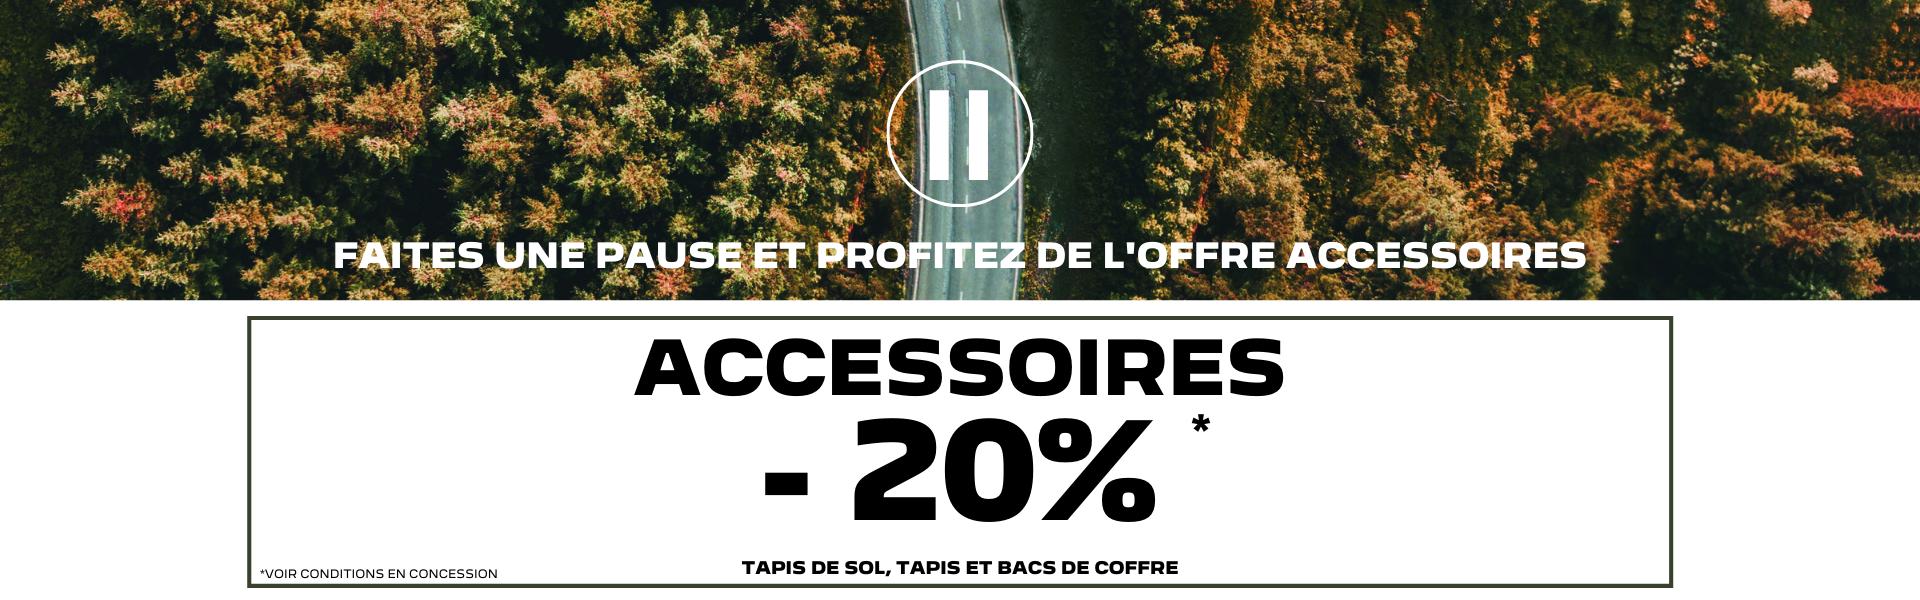 Offre accessoires_31102021